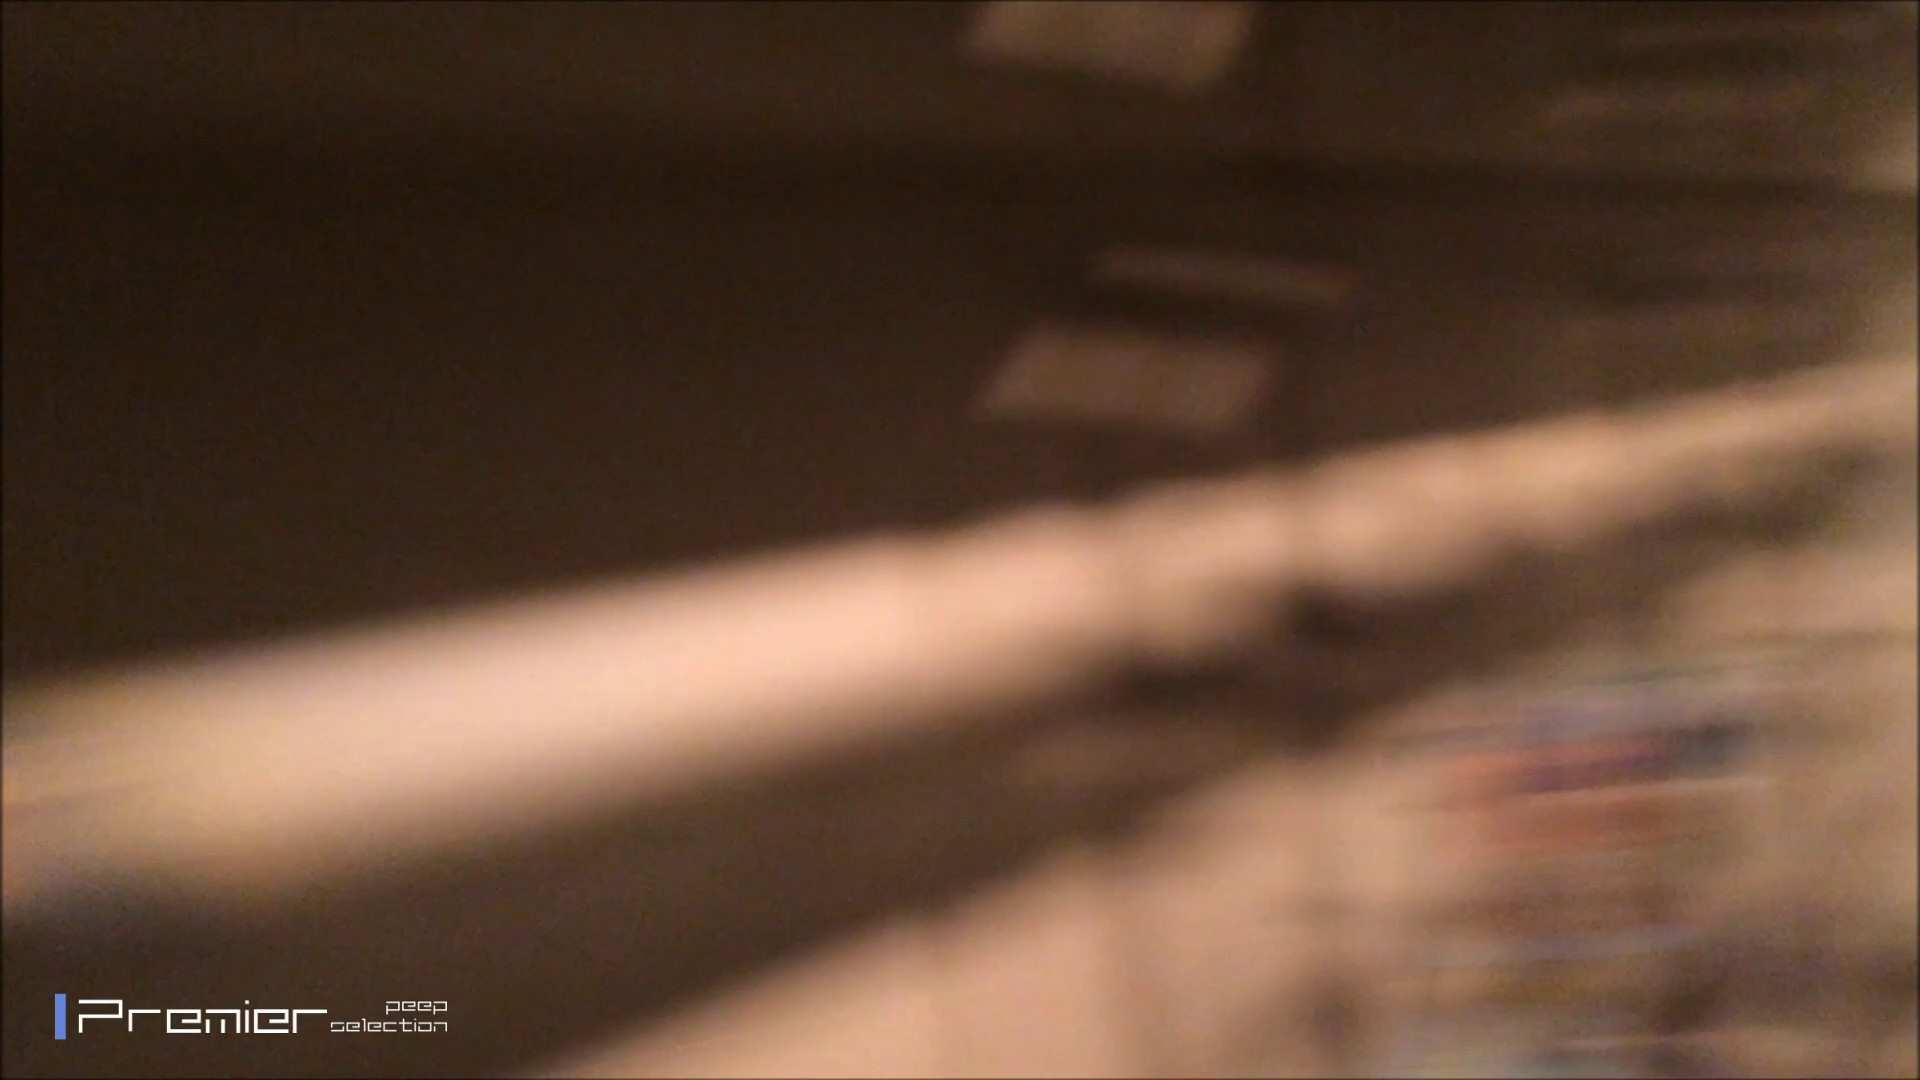 高画質フルハイビジョン スレンダー美女の入浴 乙女の風呂場 Vol.04 民家 エロ無料画像 75画像 11